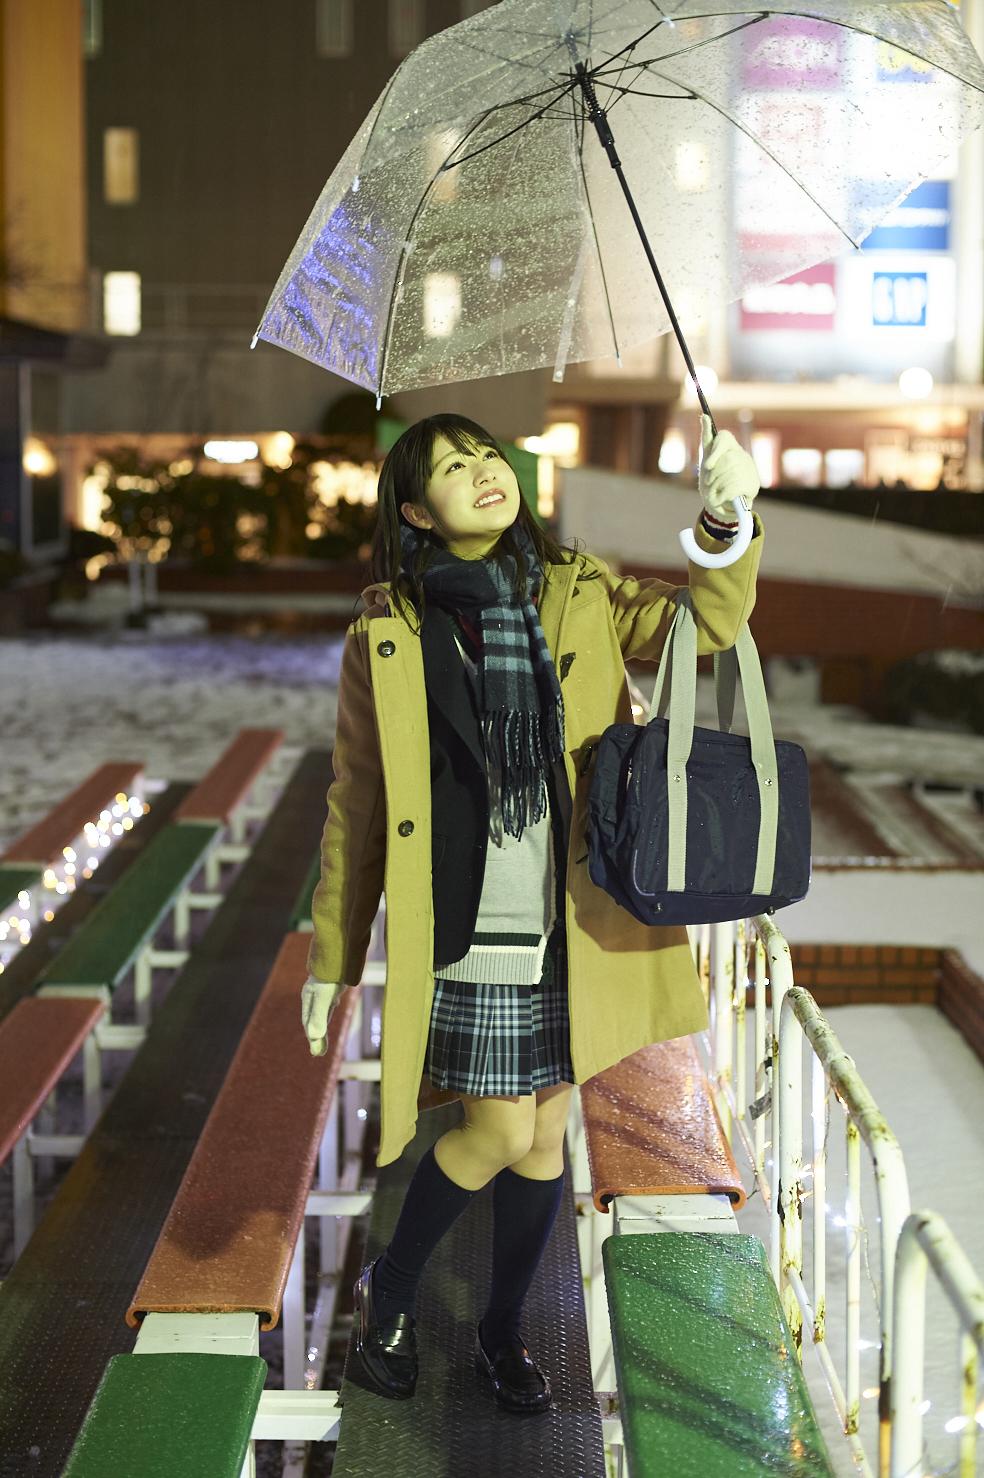 新潟と金沢、どっちが都会? Part22 [無断転載禁止]©2ch.netYouTube動画>34本 ->画像>313枚